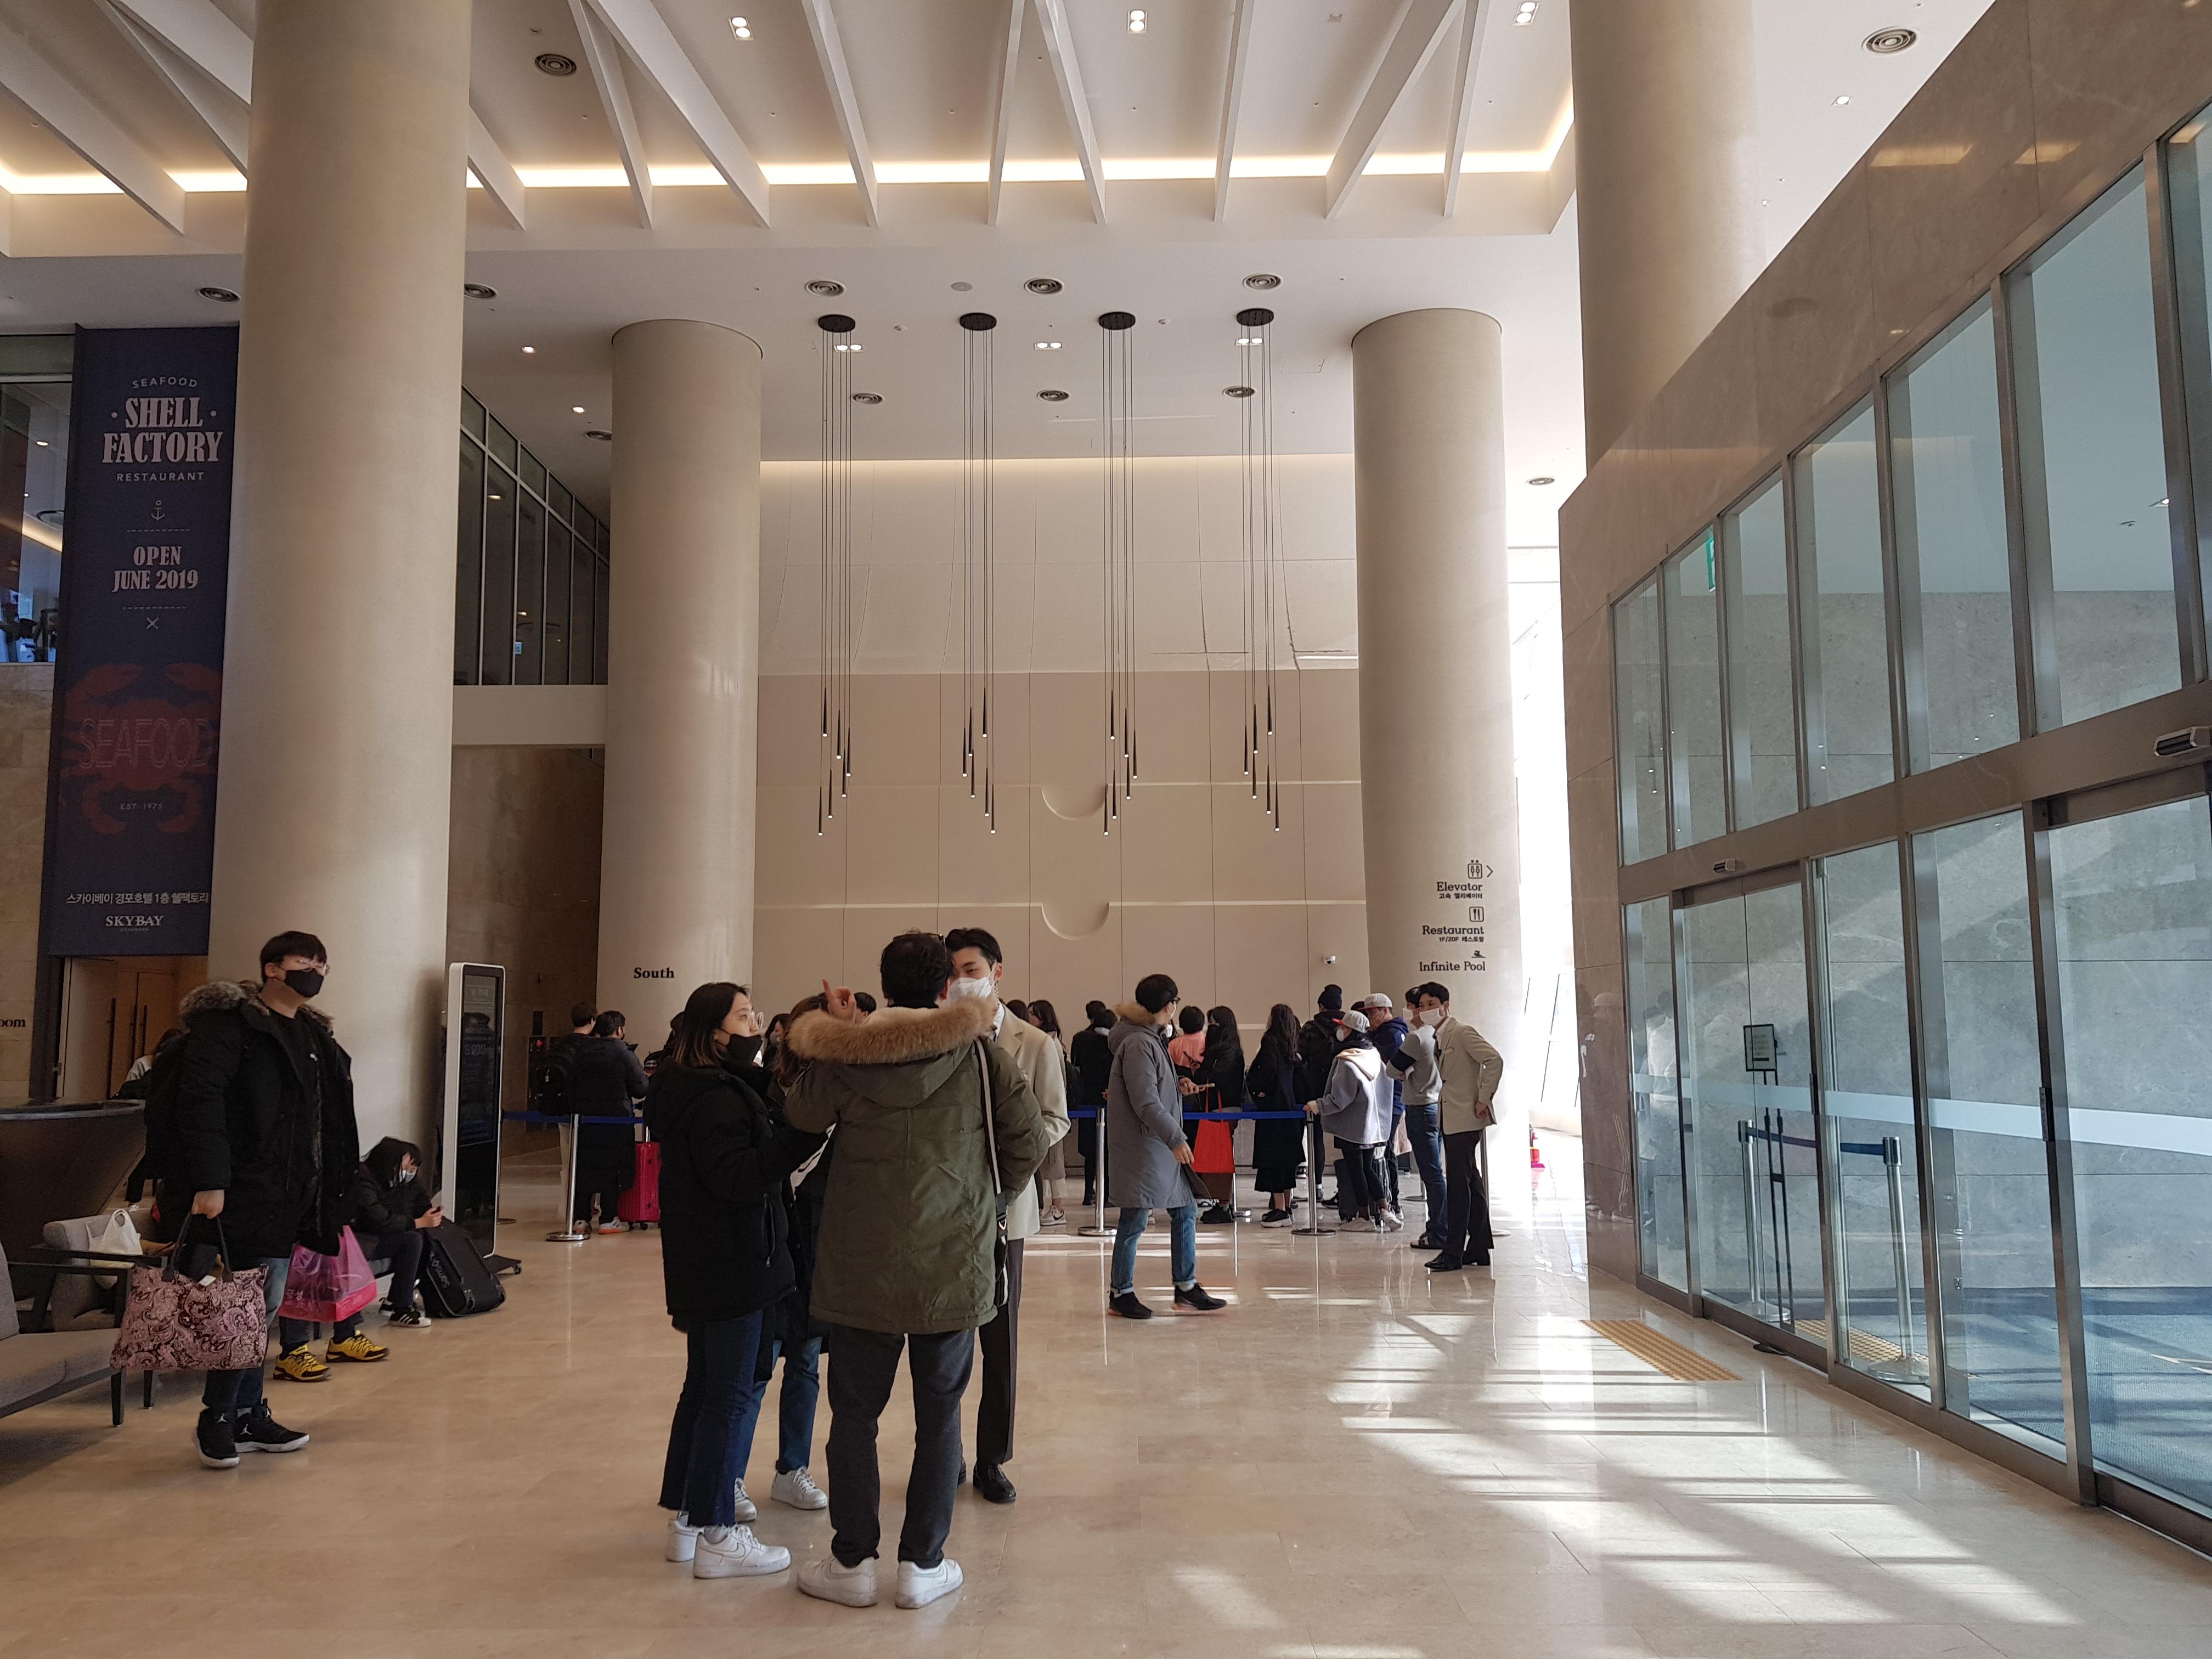 강릉여행] 강릉 스카이베이Skybay 호텔 솔직 후기  열대어의 관심사